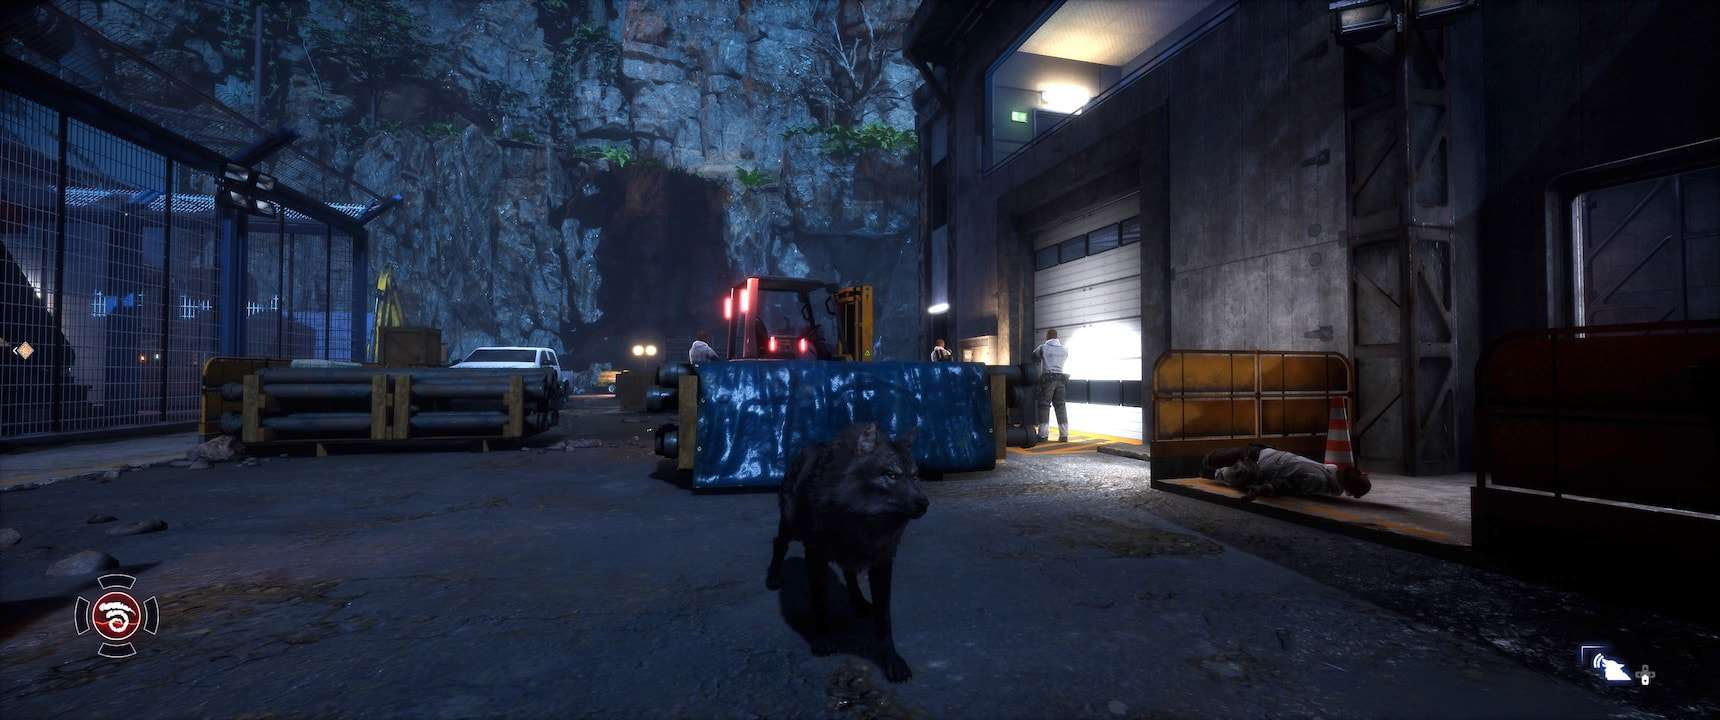 Dans Werewolf The Apocalypse vous allez finalement plus vous cacher que combattre